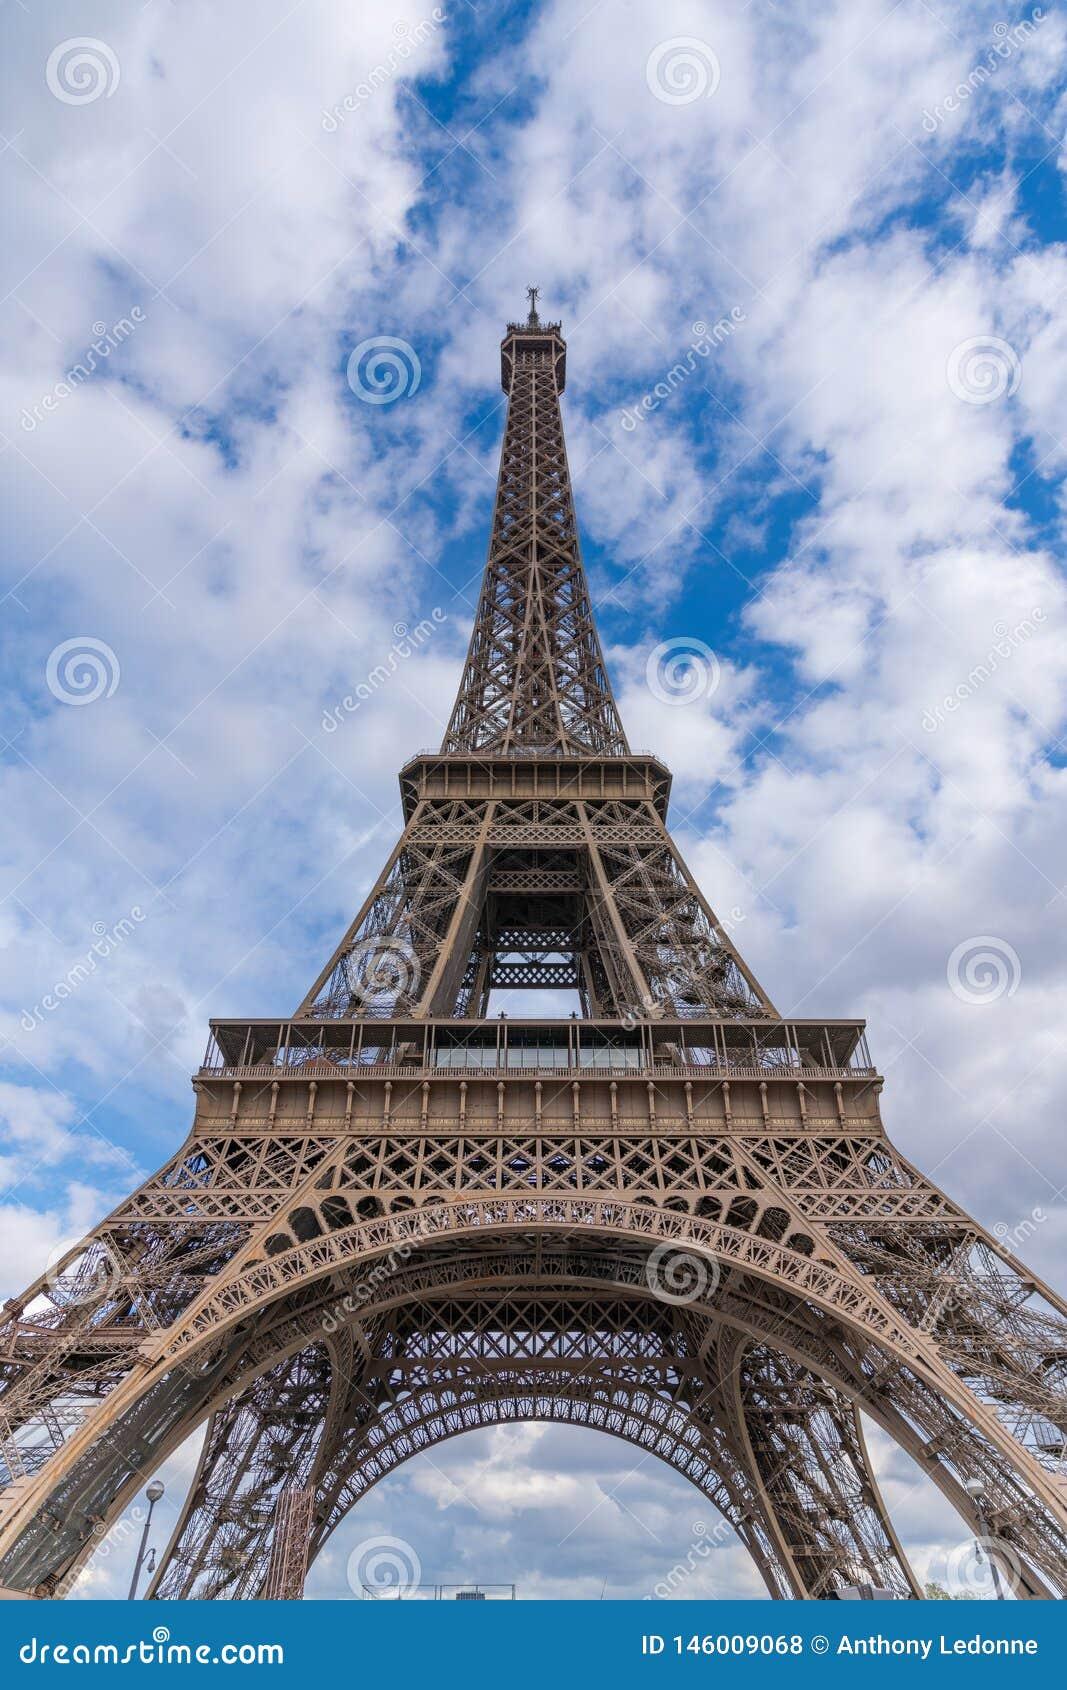 Blue Skies Behind The Eiffel Tower in Paris, France